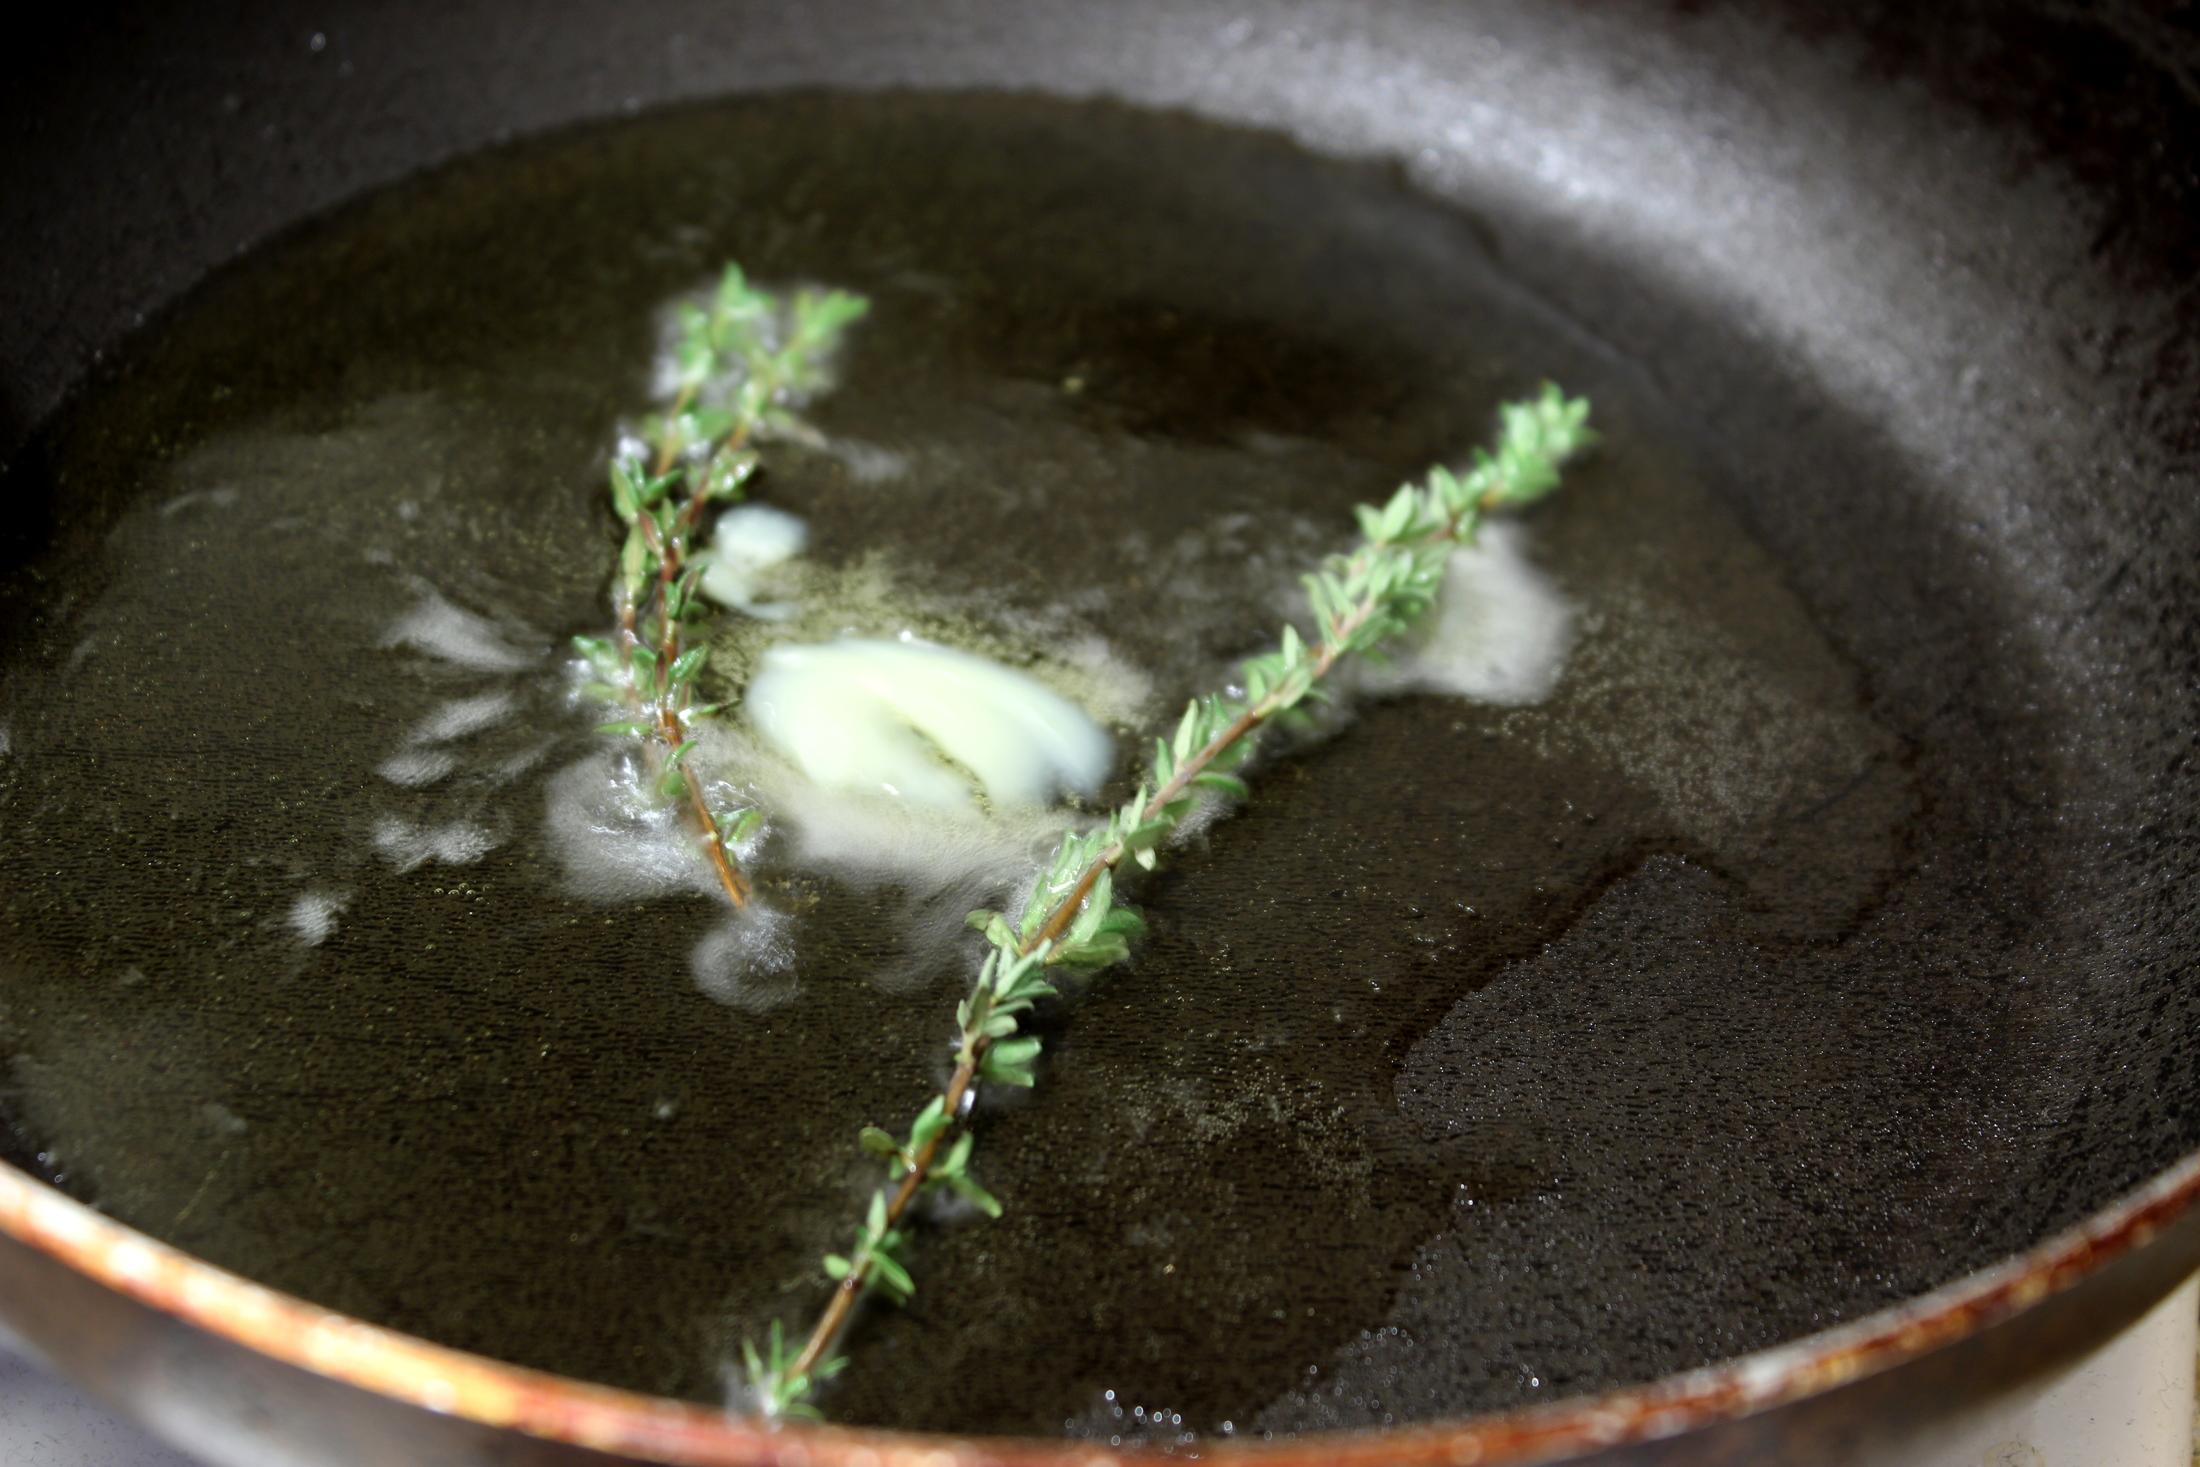 Recept Losos na másle - Přepuštěné máslo a tymián.